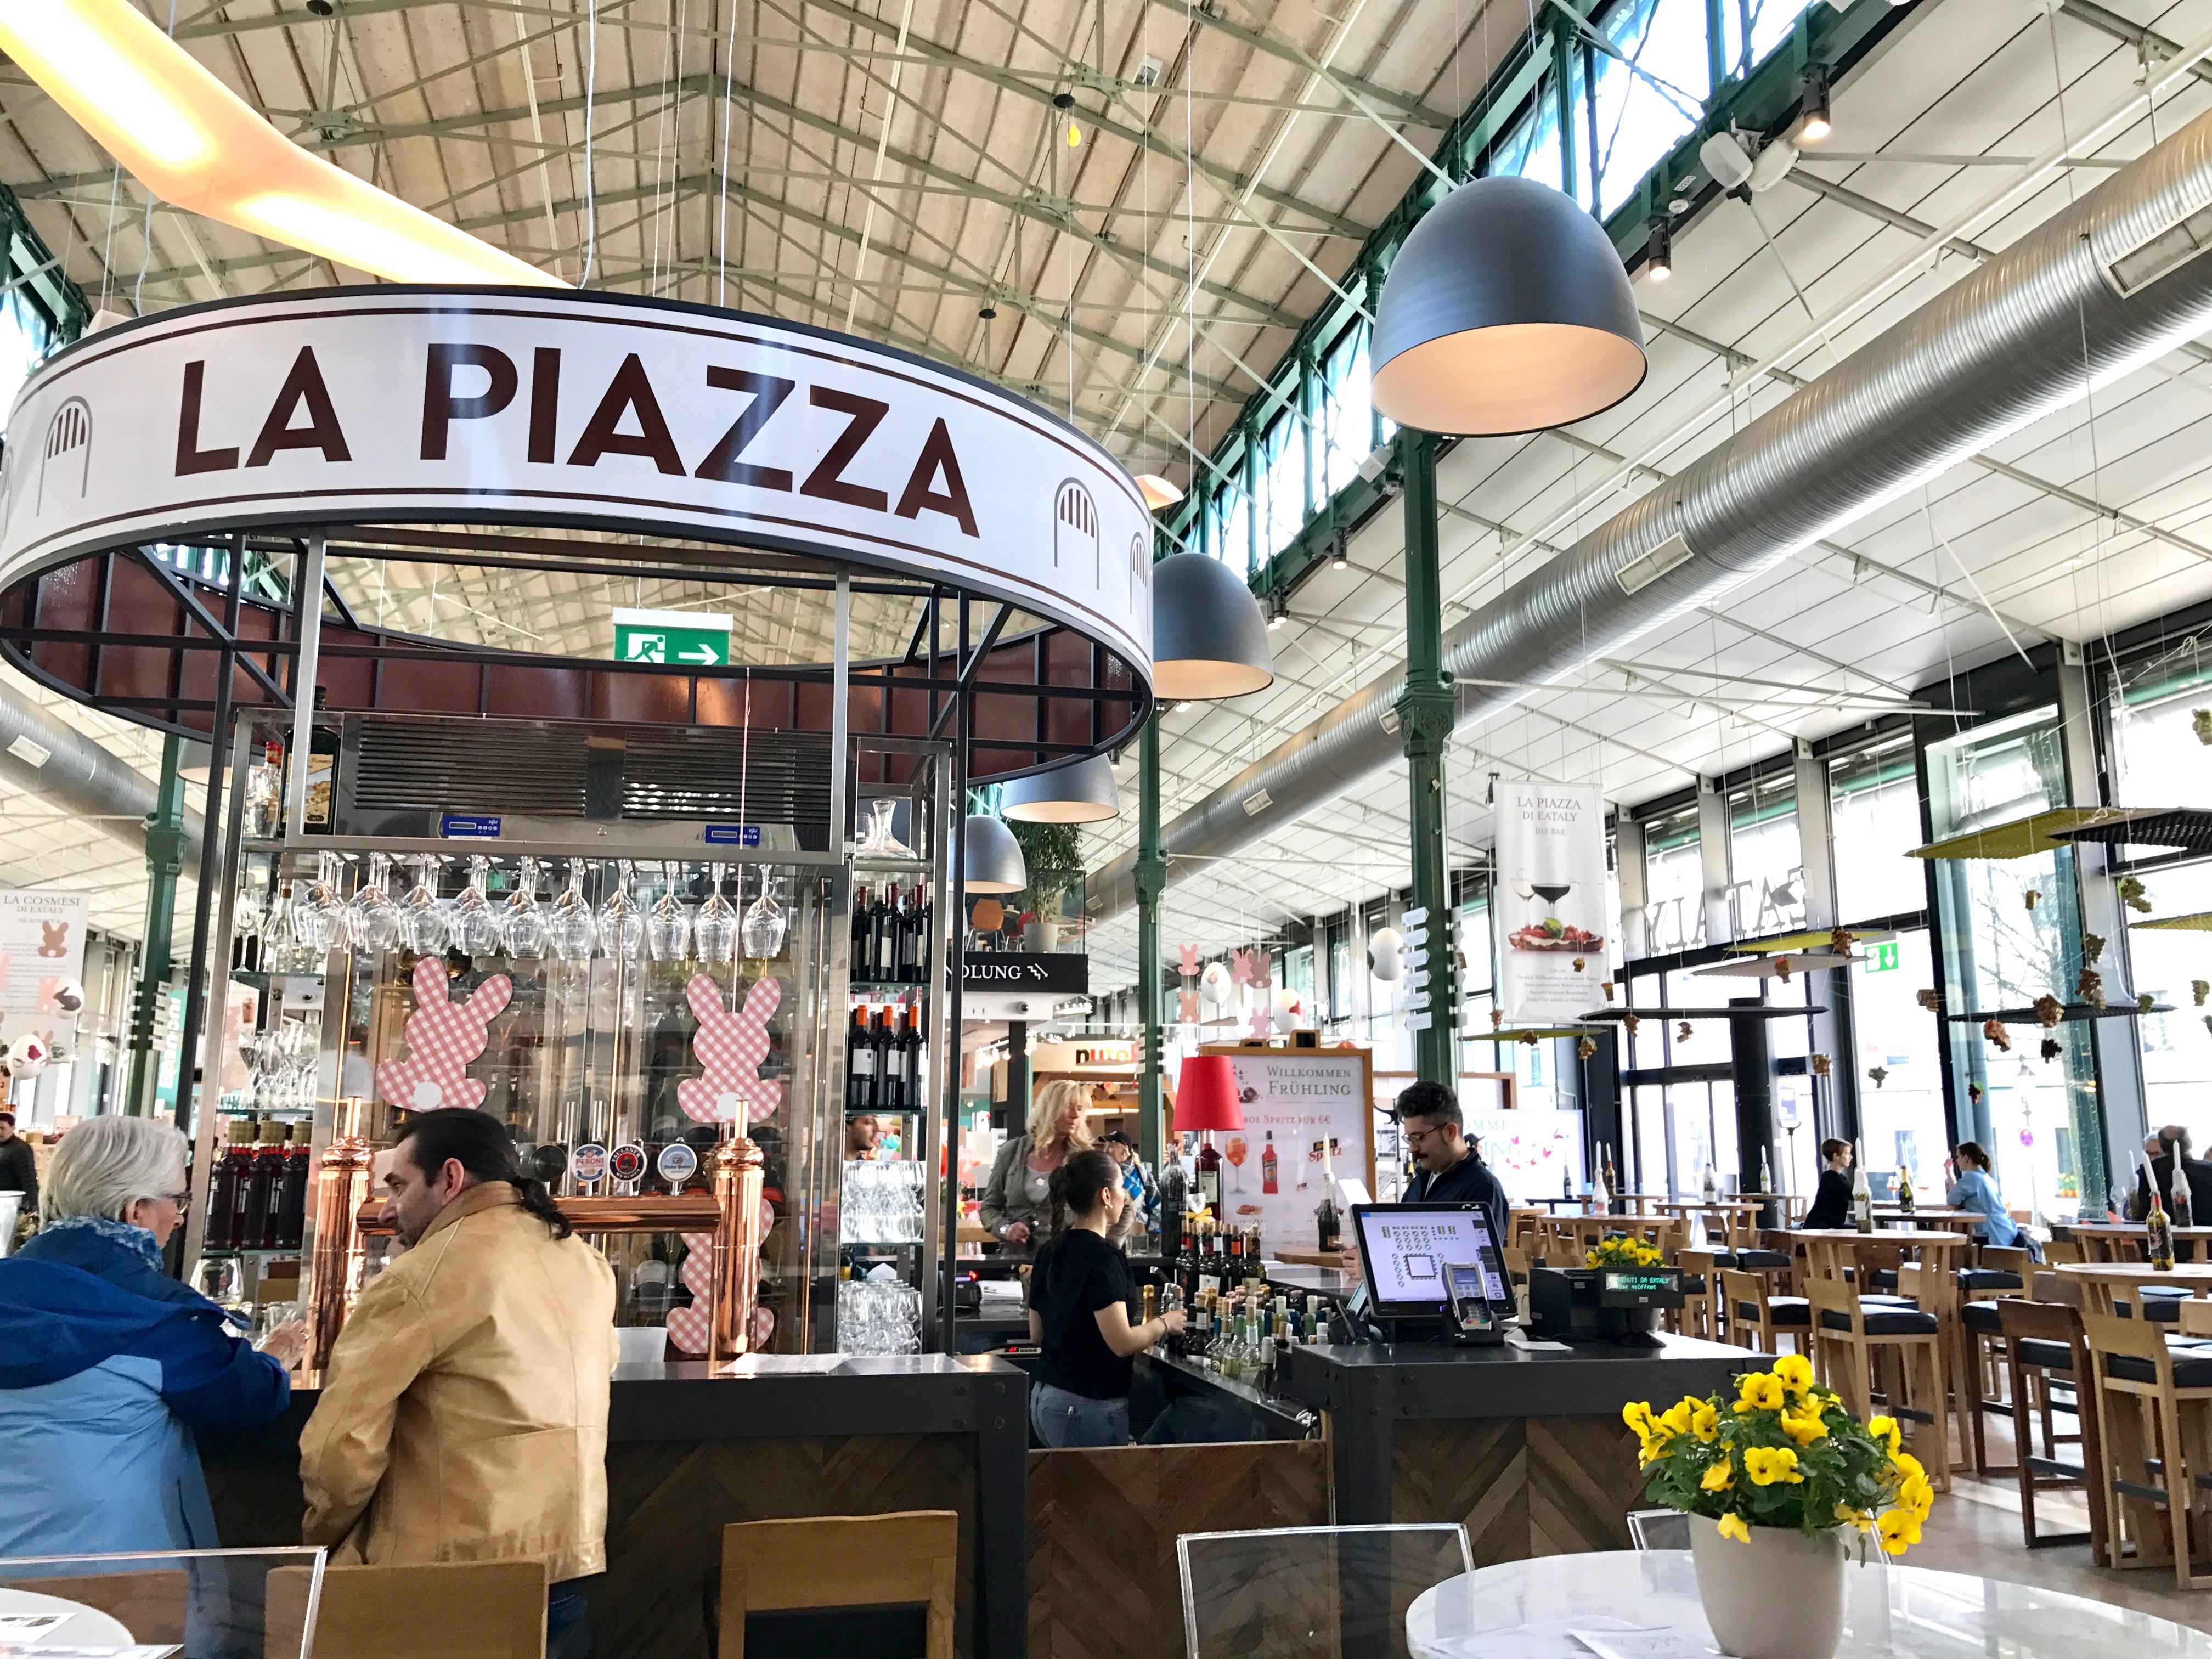 Eataly La Piazza